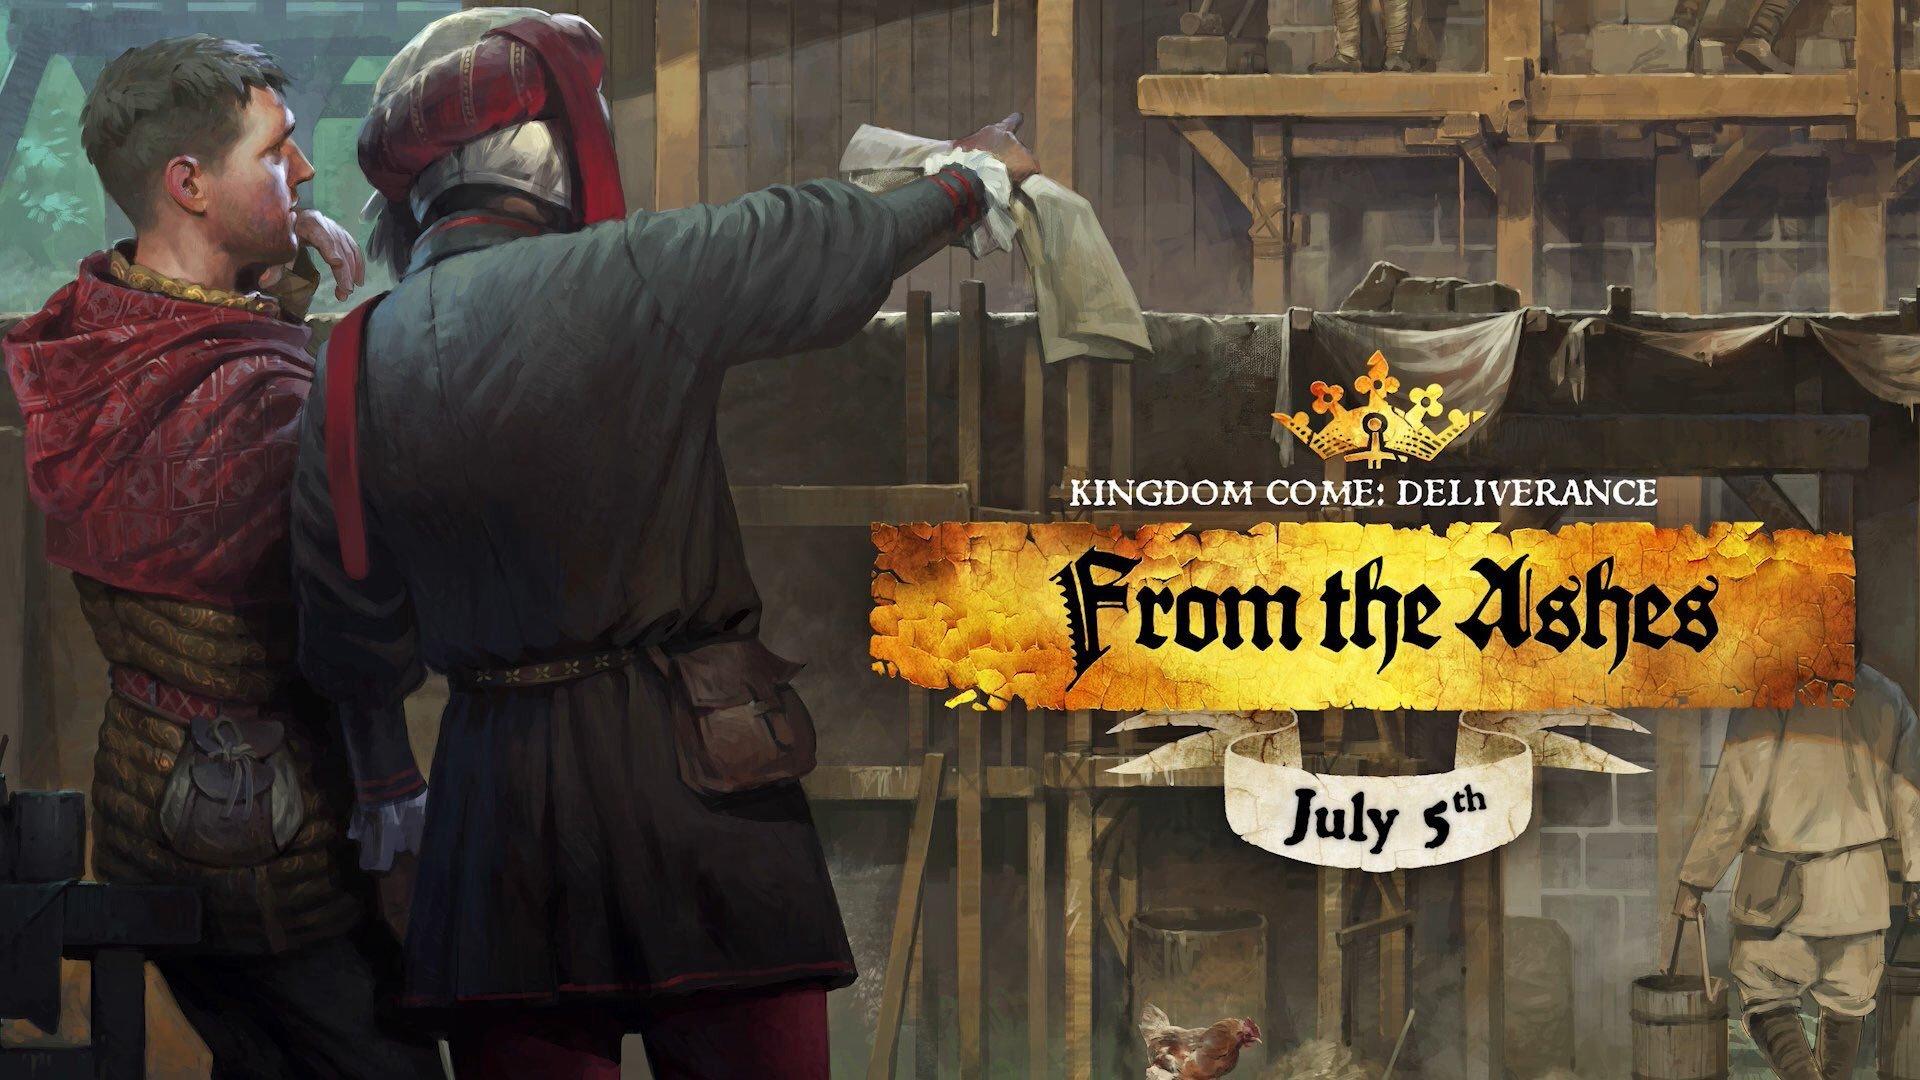 Пепельный обзор Kingdom Come: Deliverance: From the Ashes